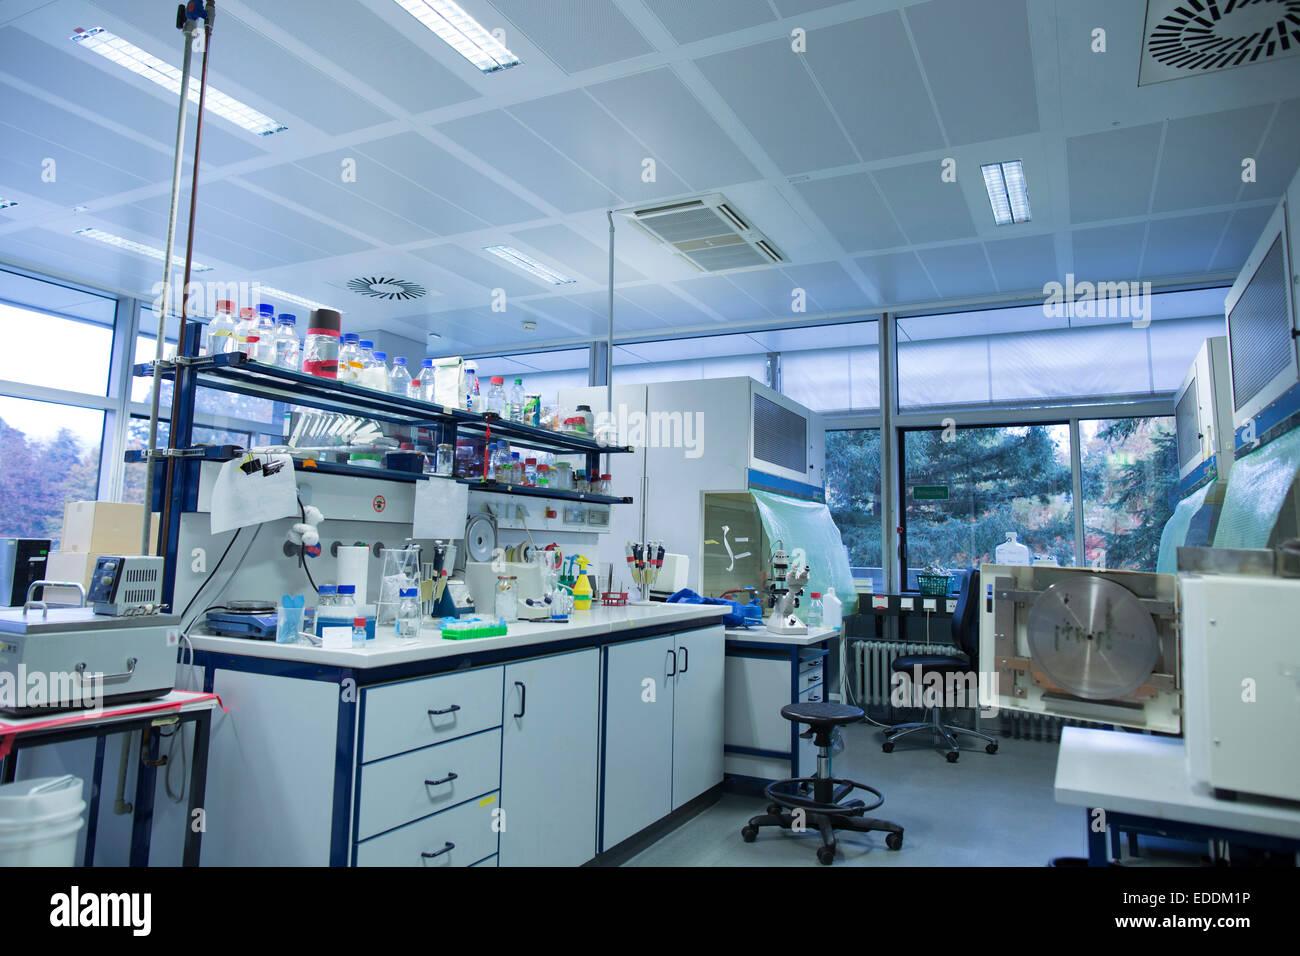 Intérieur d'un laboratoire de biologie Photo Stock